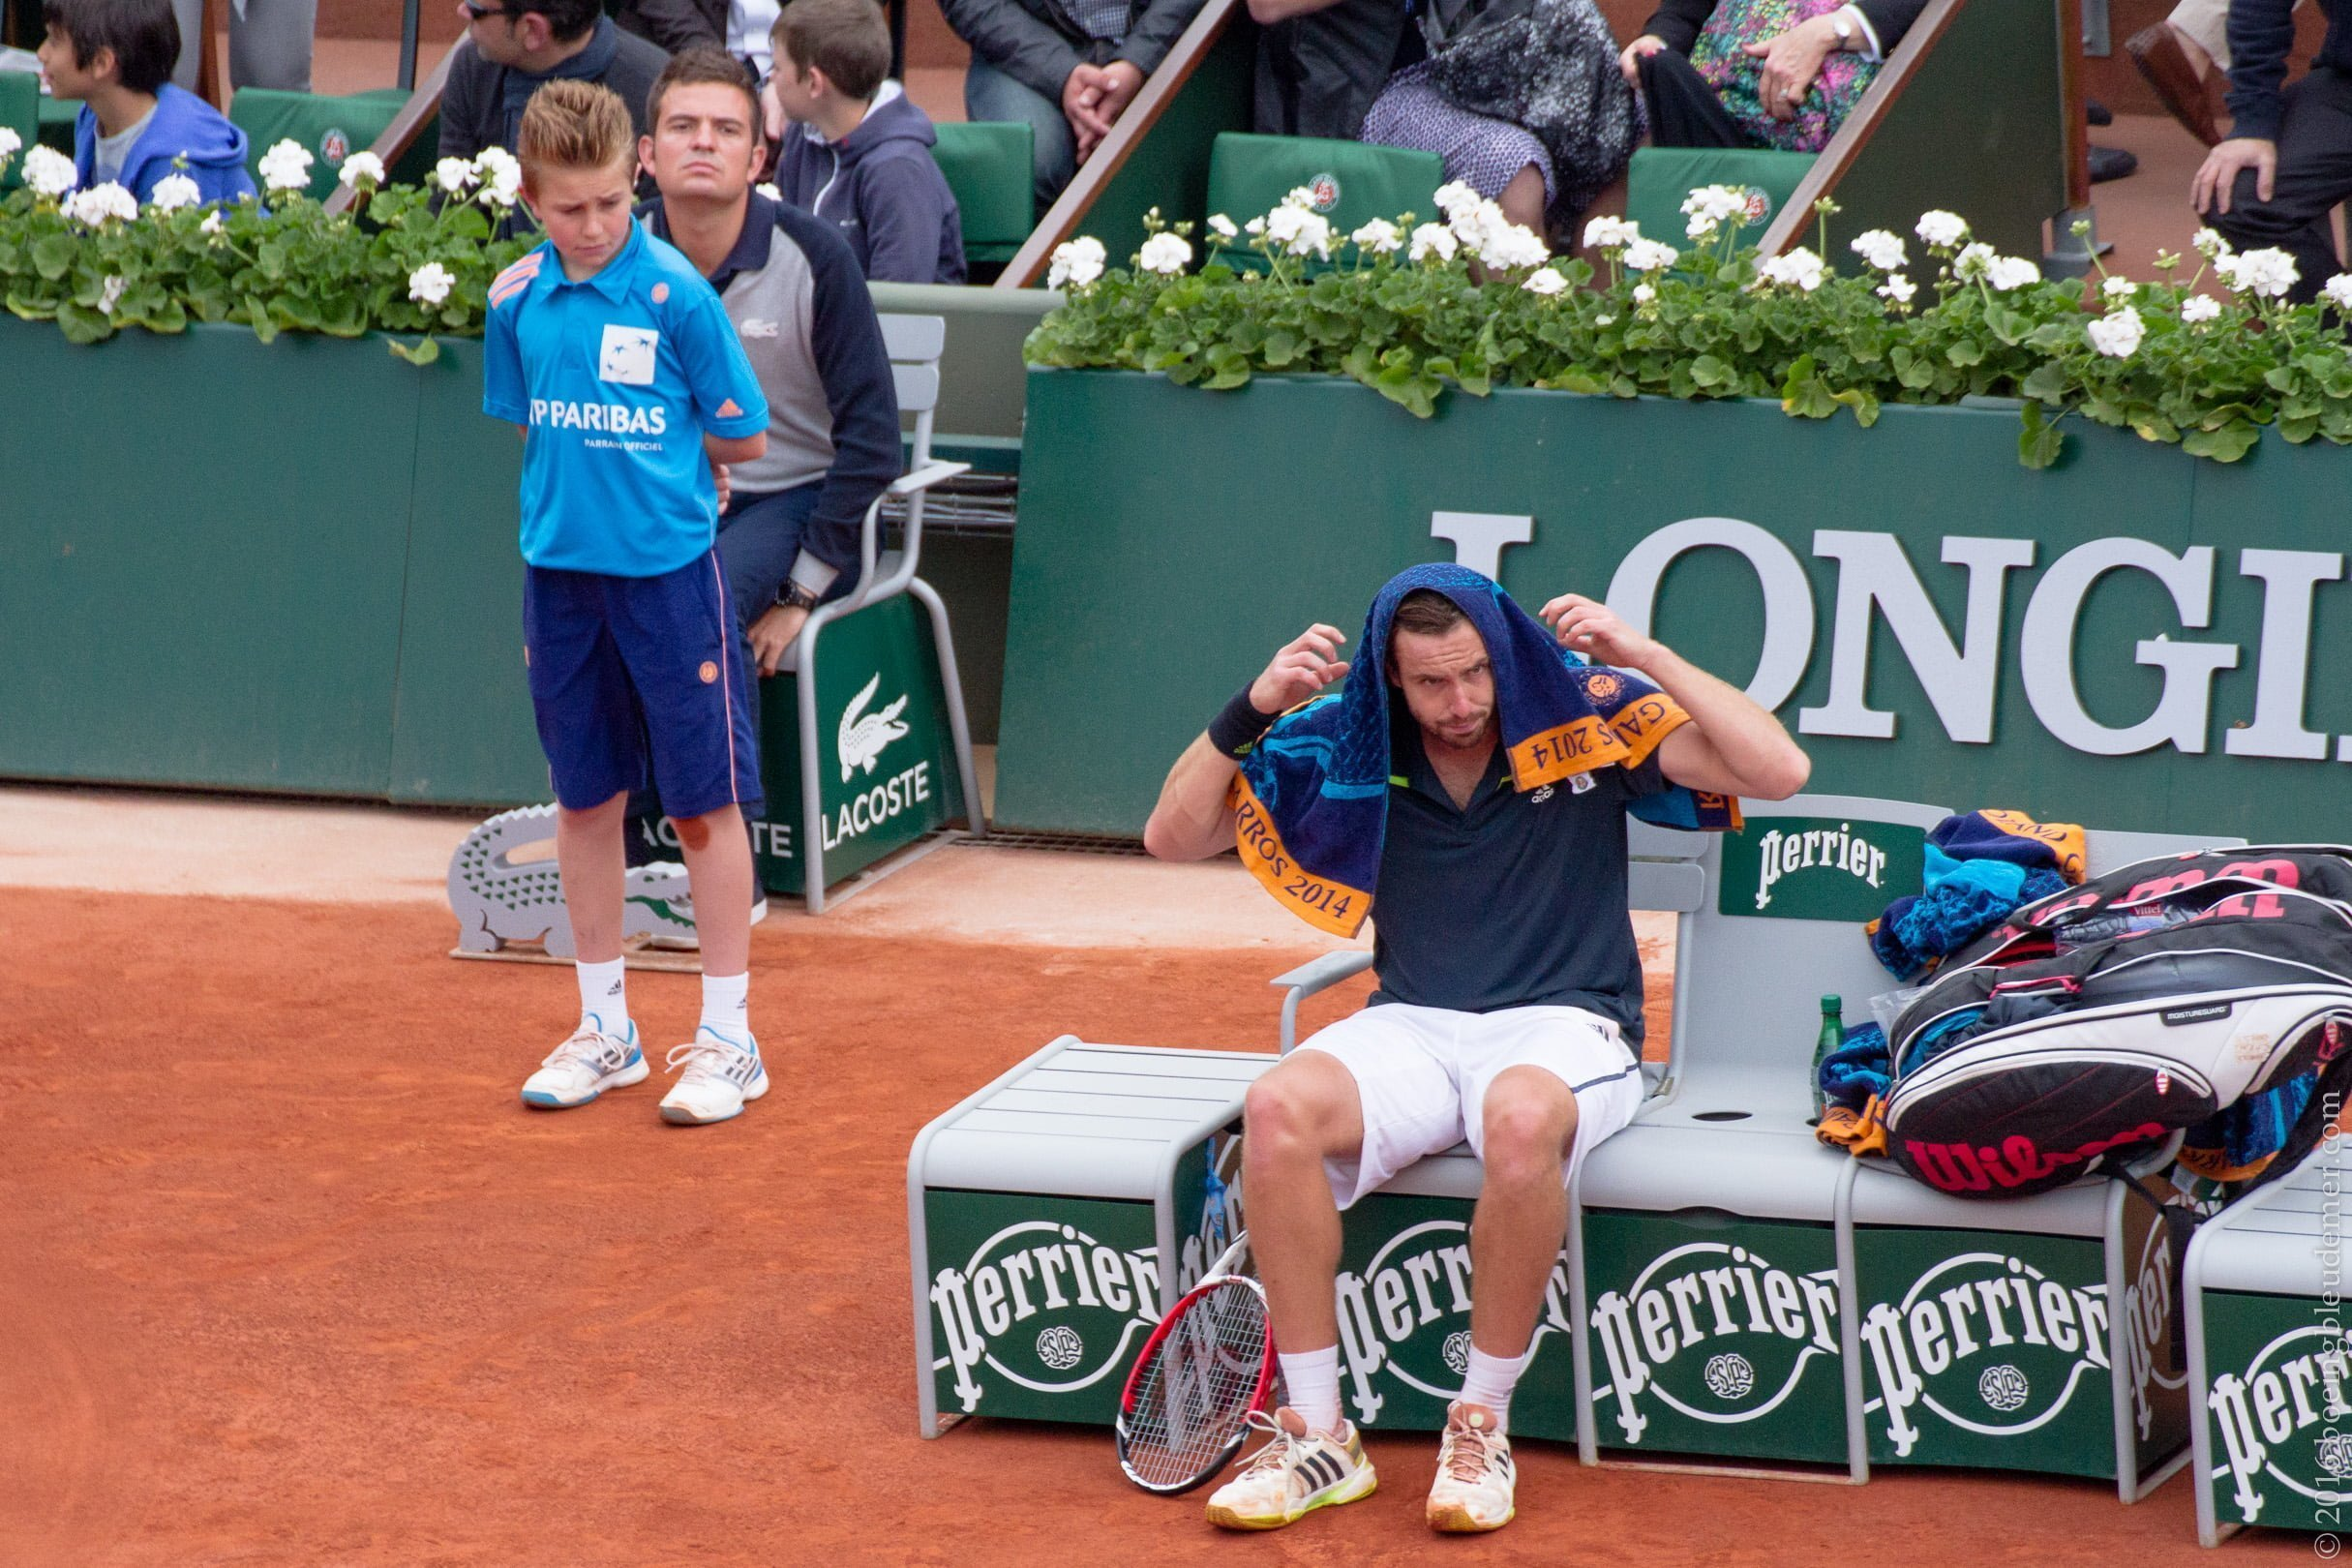 Roland Garros: Ernests Gulbis